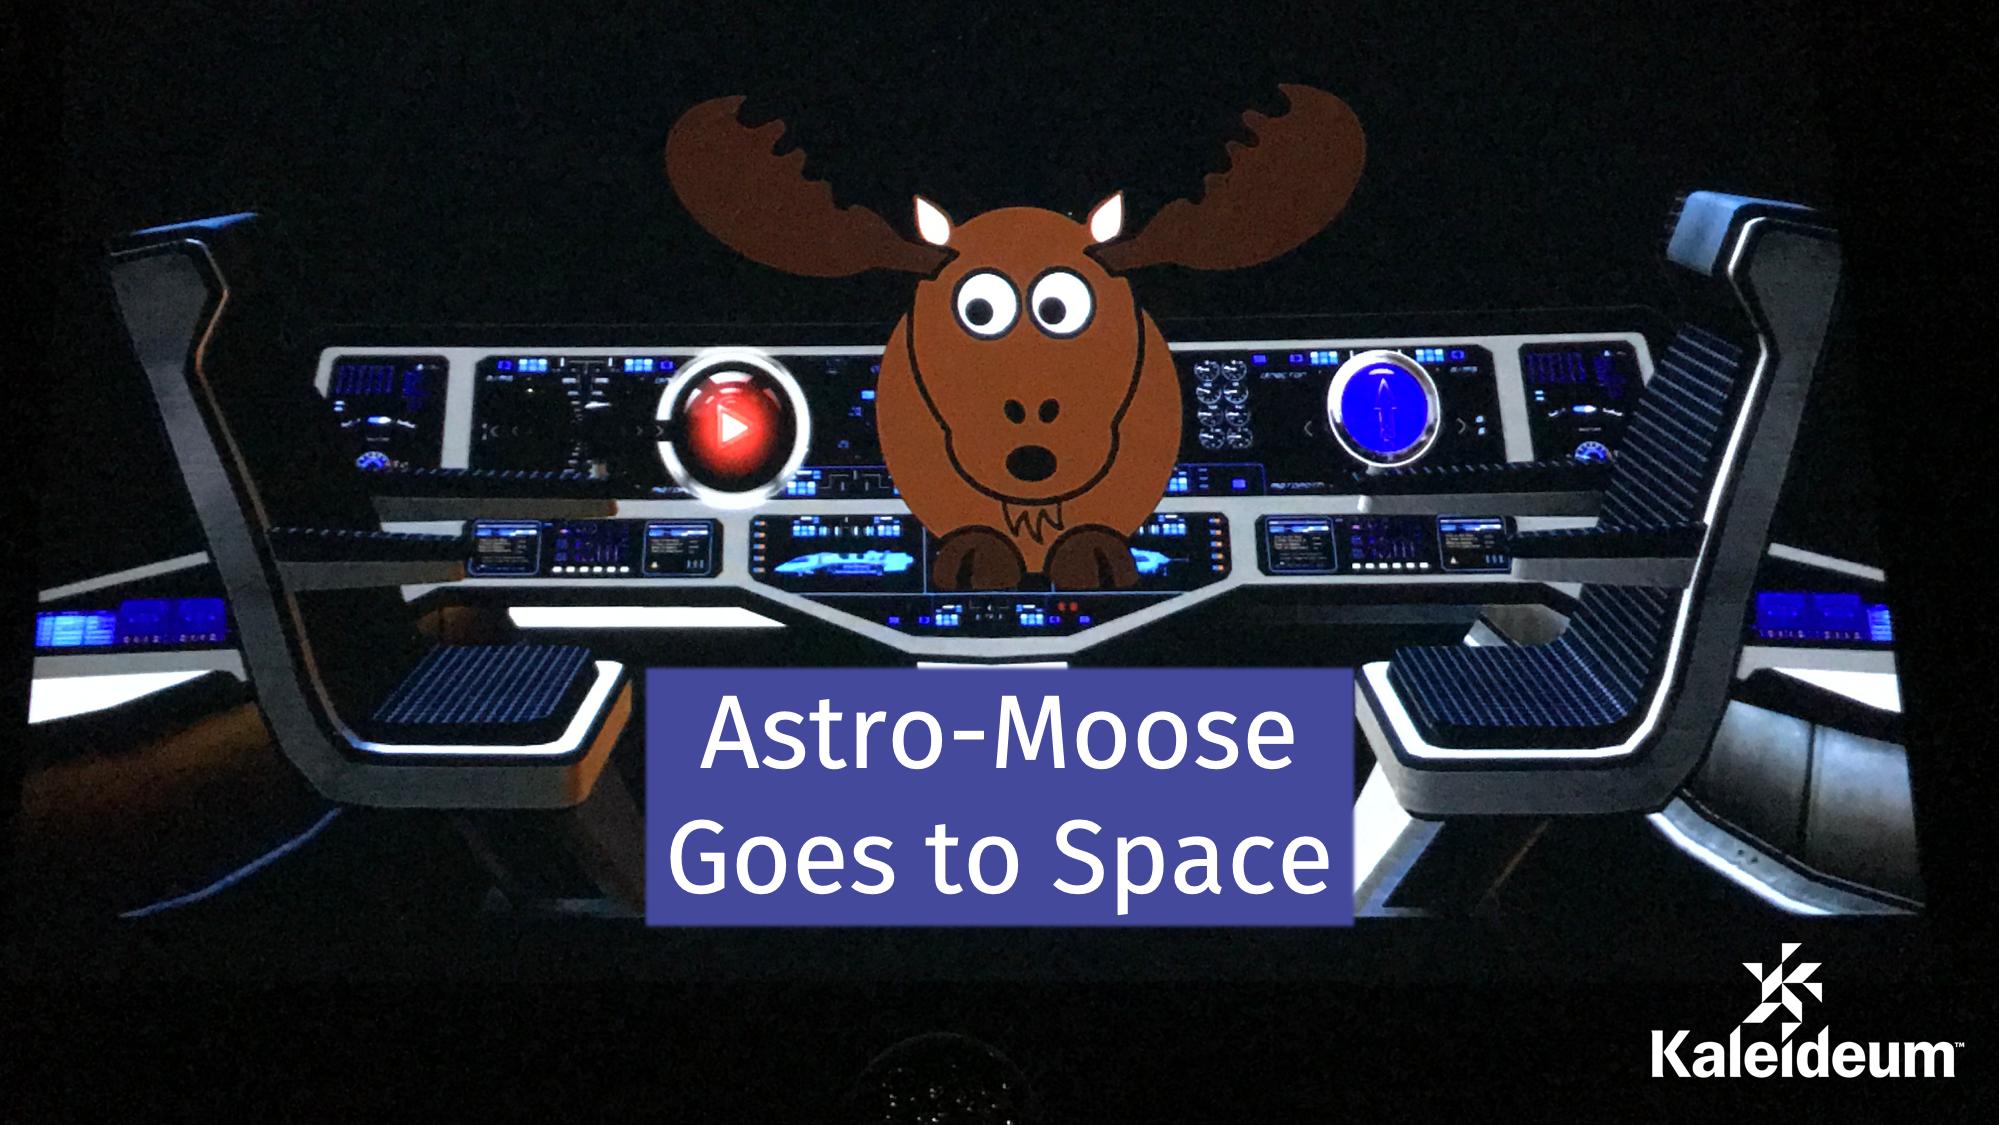 Astro-Moose